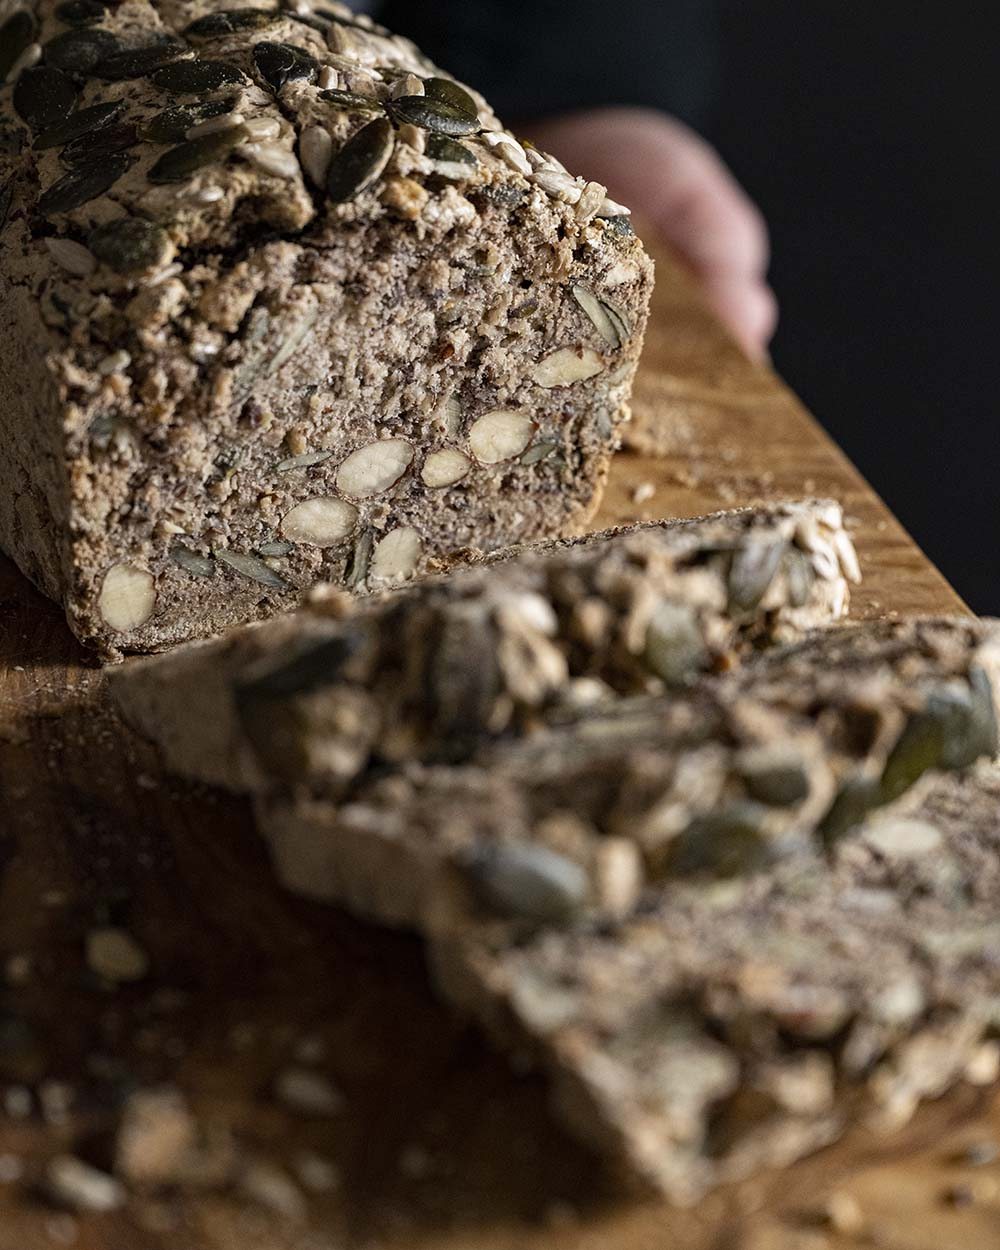 Nachaufnahme unseres angeschnittenen glutenfreien Buchweizenbrots. Ich habe drei Scheiben von ihm abgeschnitten. Zu sehen sind auch die Mandeln im Teig.